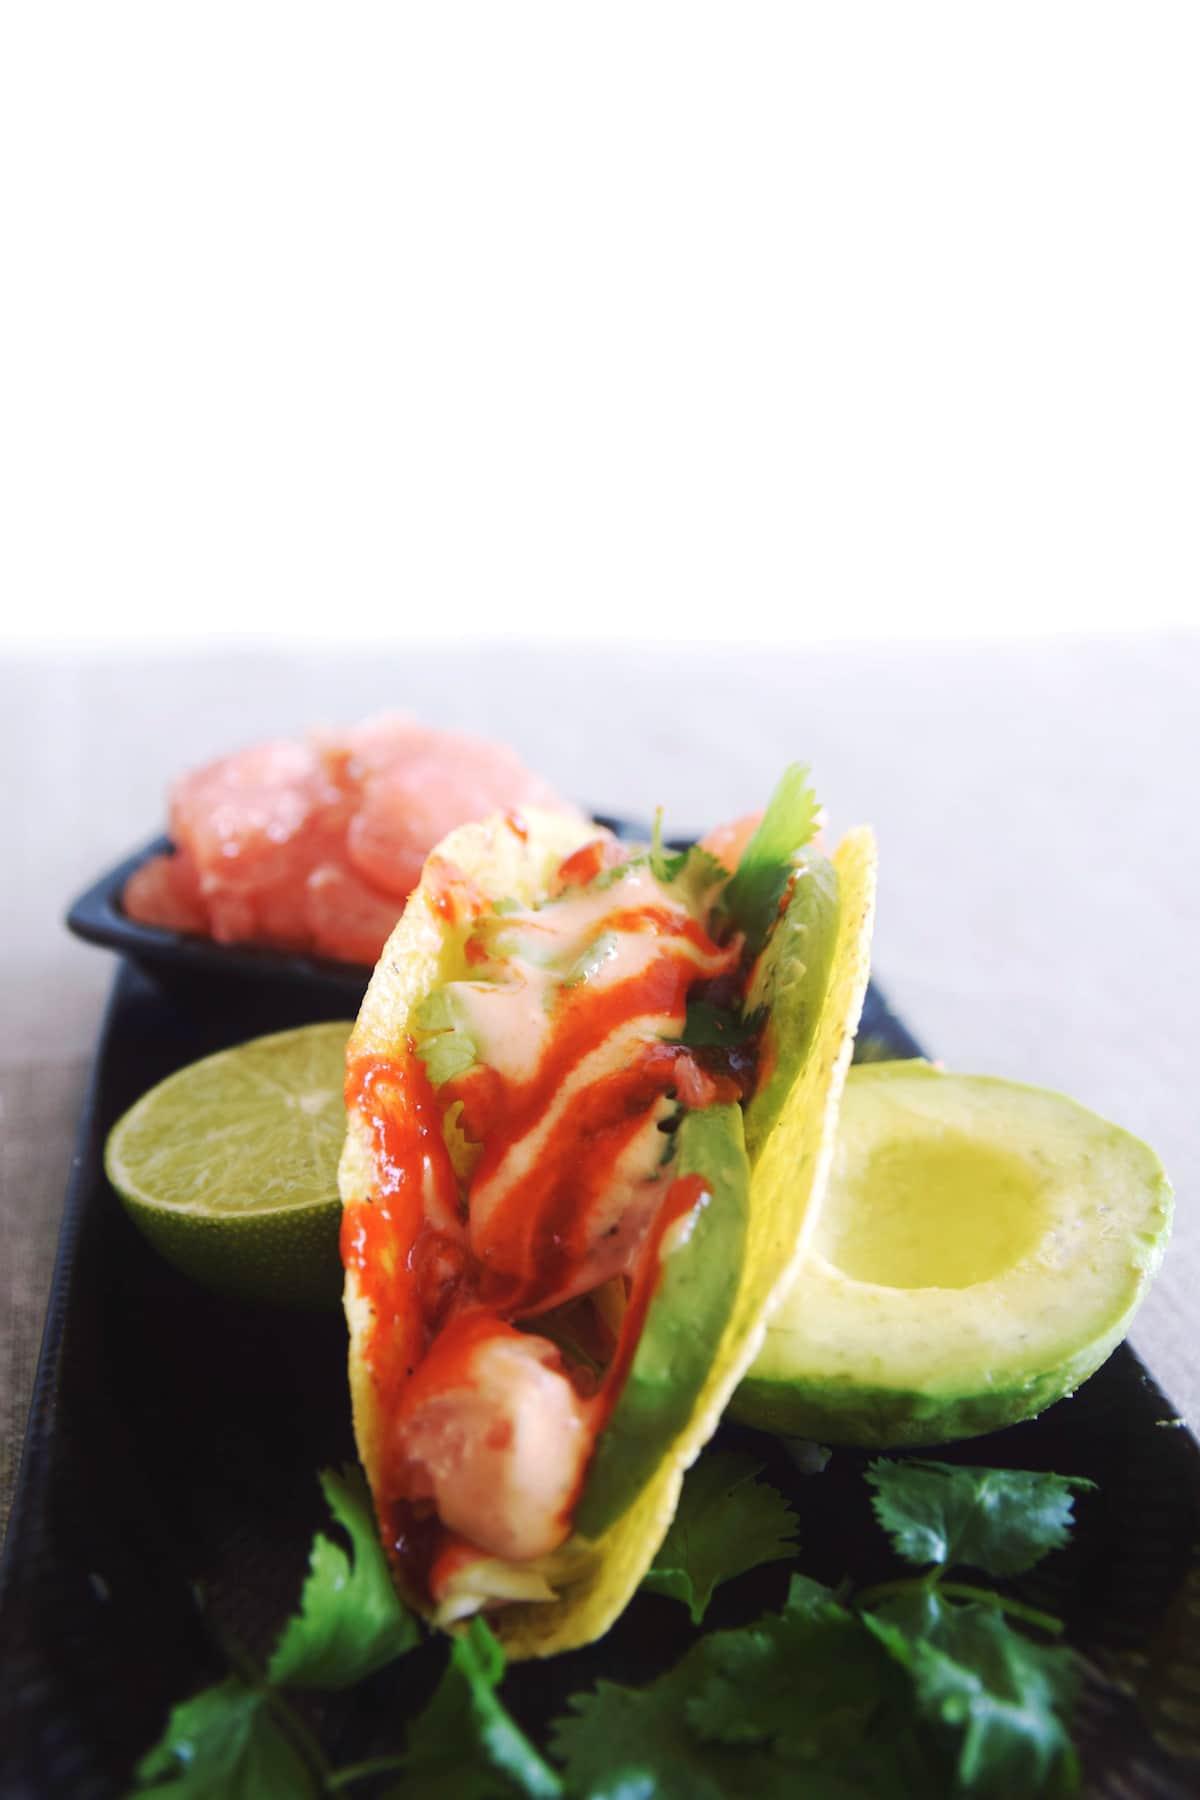 Vegan fish tacos 7 girl vs globe for Vegan fish tacos